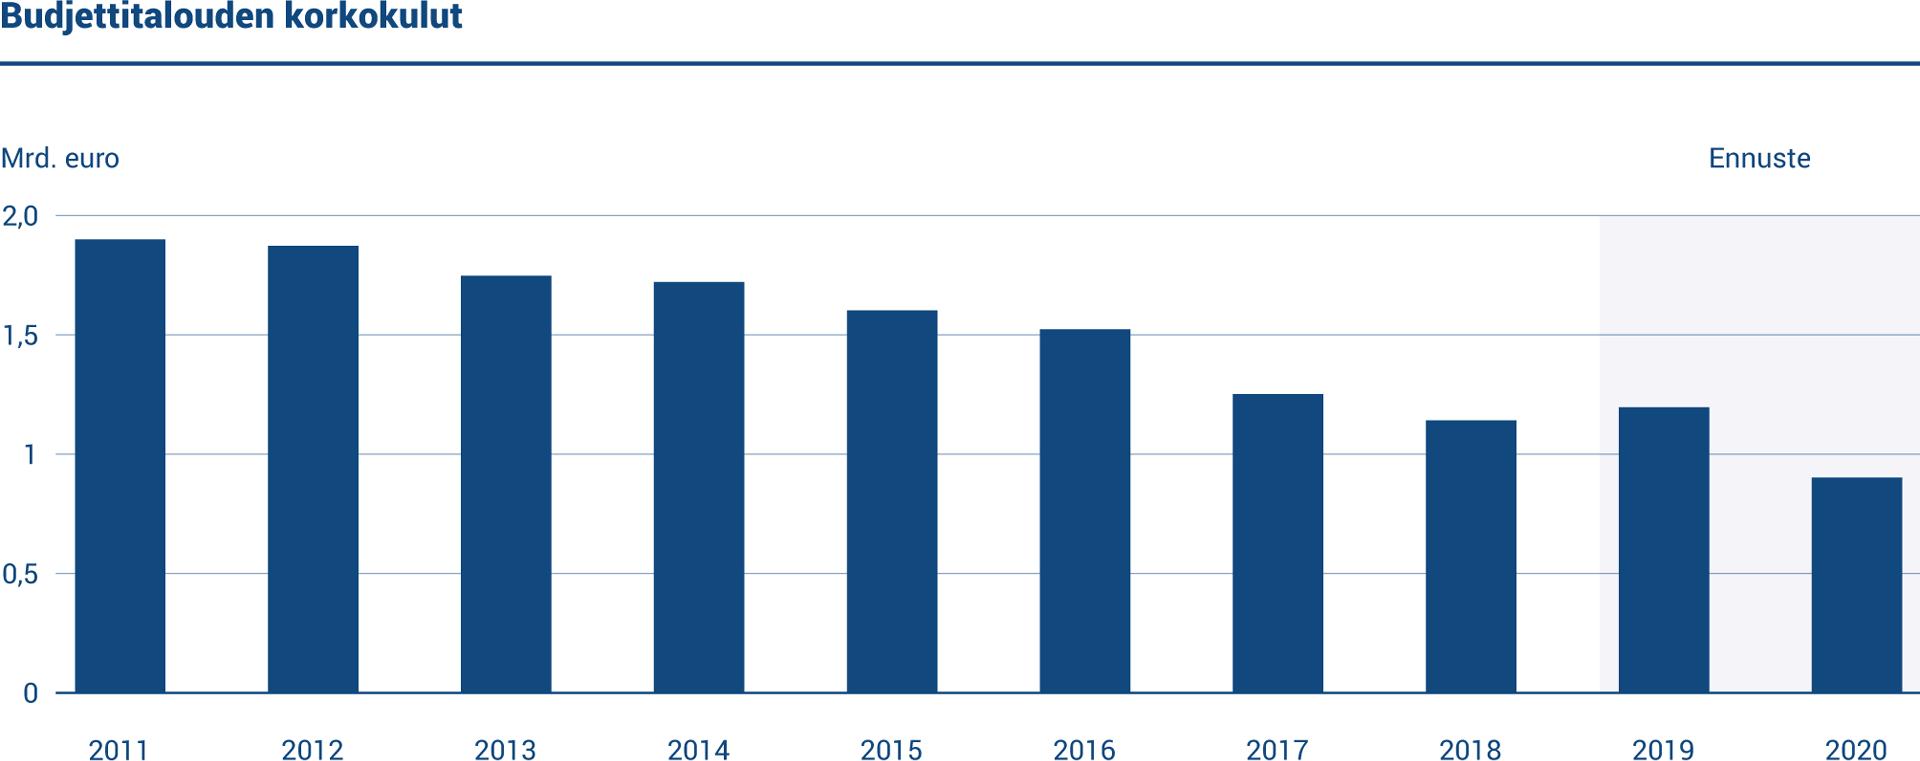 Kaaviossa esitetään budjettivelan vuosittaiset korkokulut vuosilta 2011–20. Korkokulut vuonna 2019 olivat 1,20 miljardia euroa. Ennuste vuodelle 2020 on 0,87 miljardia euroa.